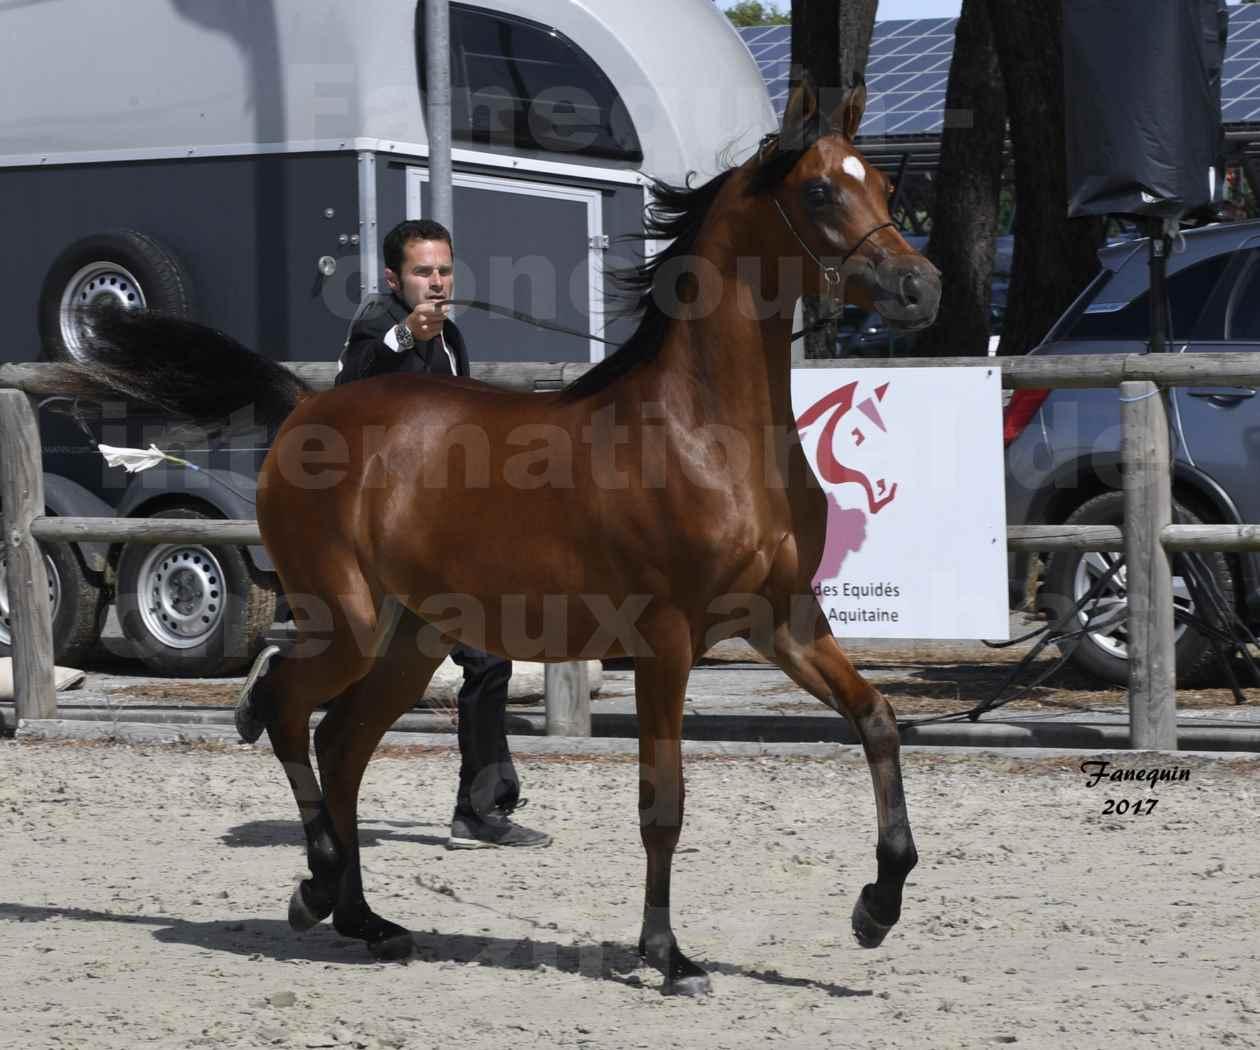 """Concours international de chevaux ARABES - """"Arabian Masters"""" Bordeaux 2017 - JABBOK DE NAUTIAC - 28"""